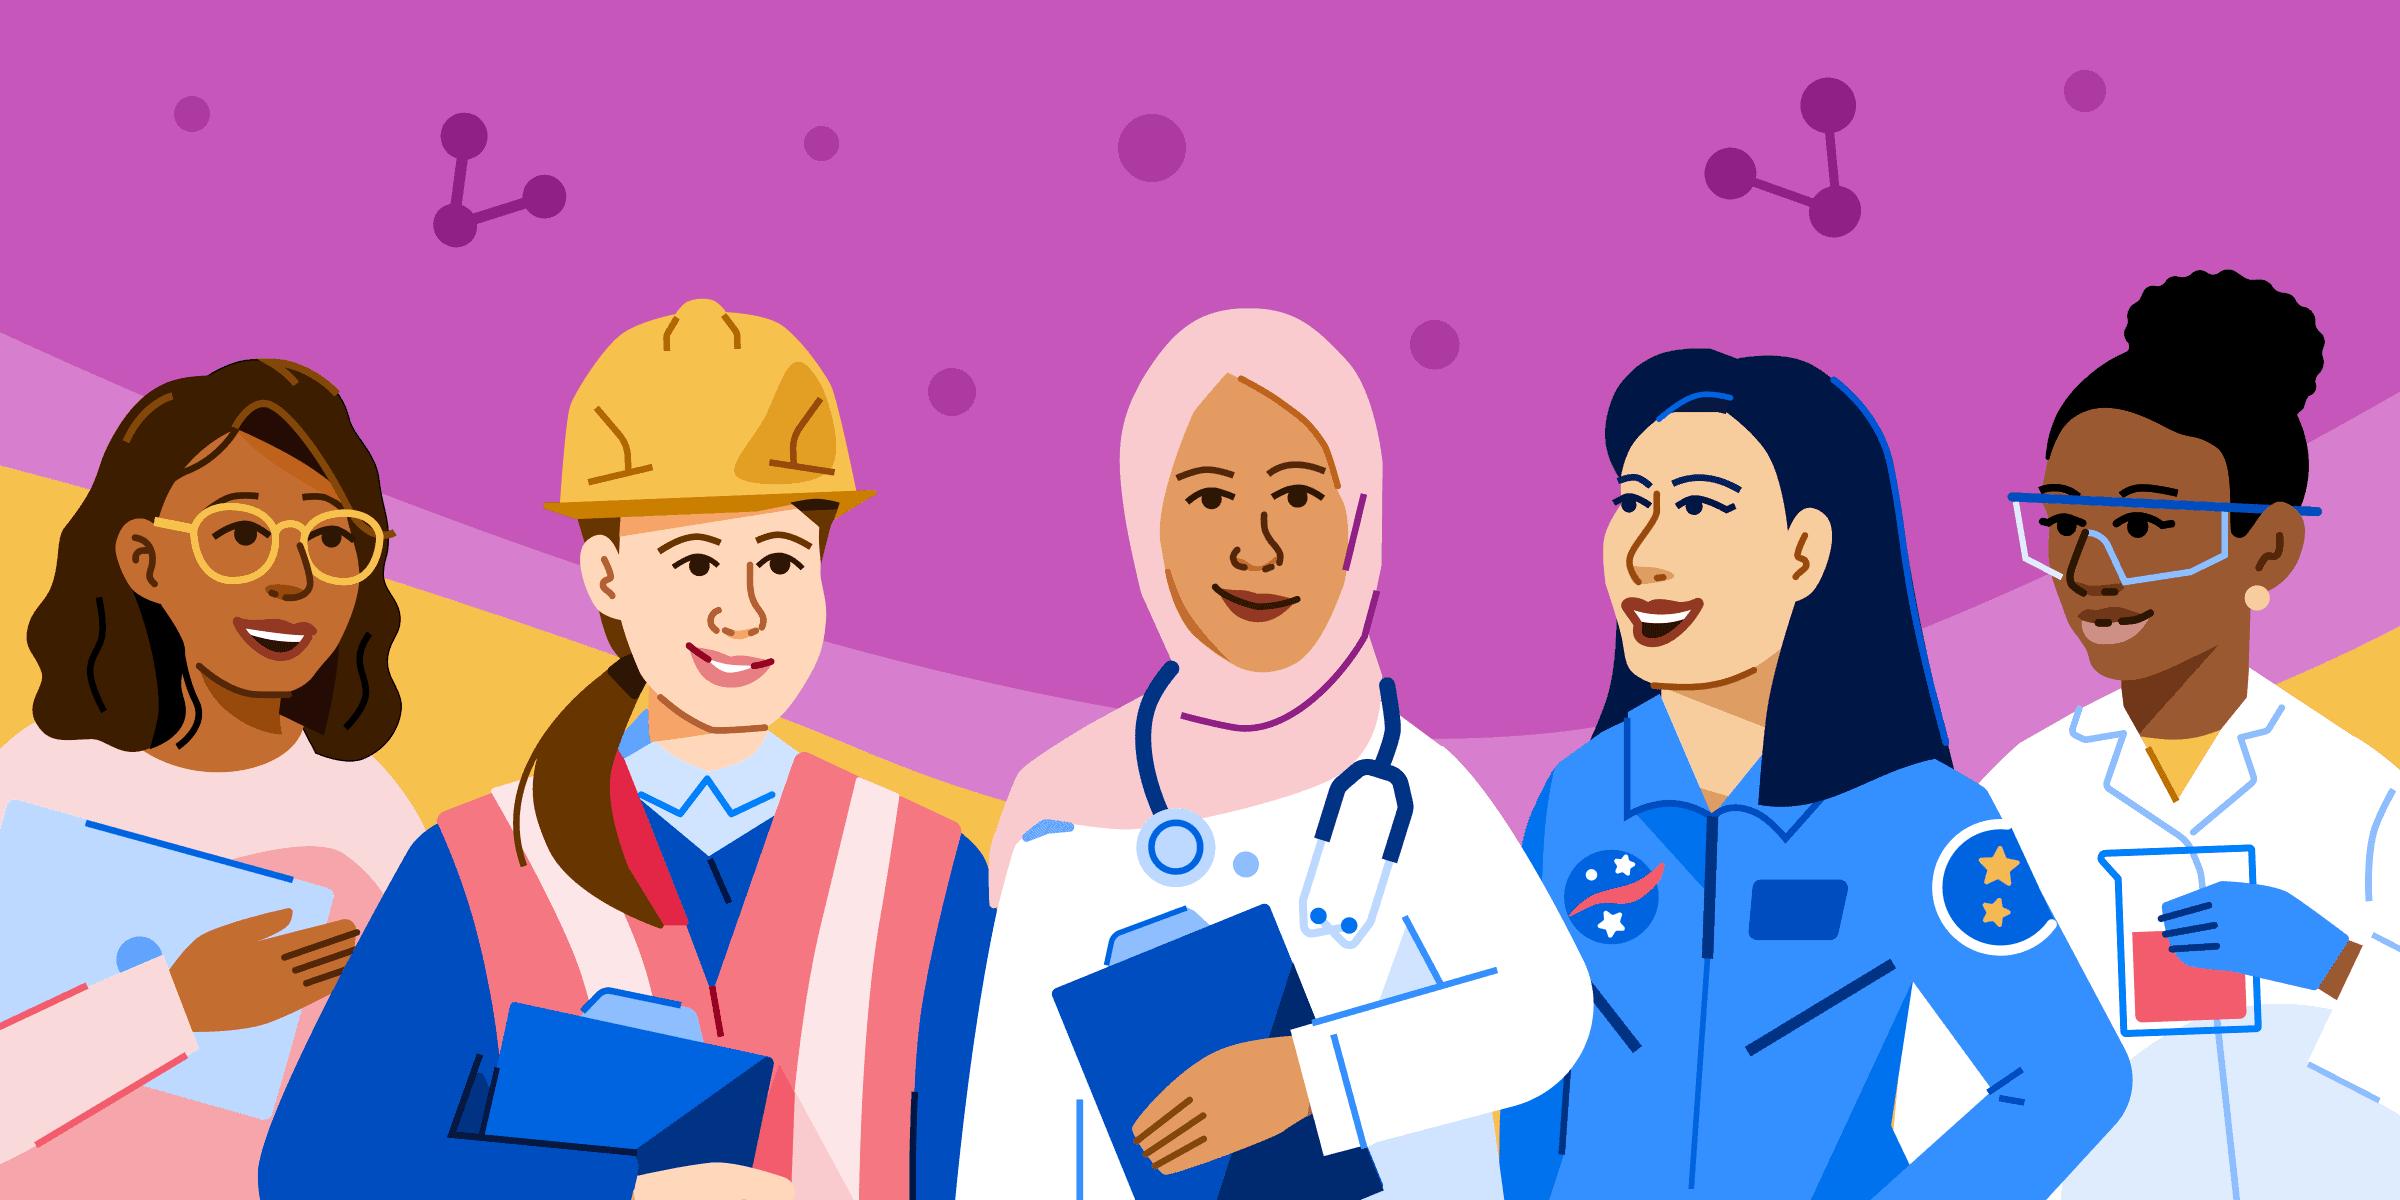 Illustration of women in STEM fields